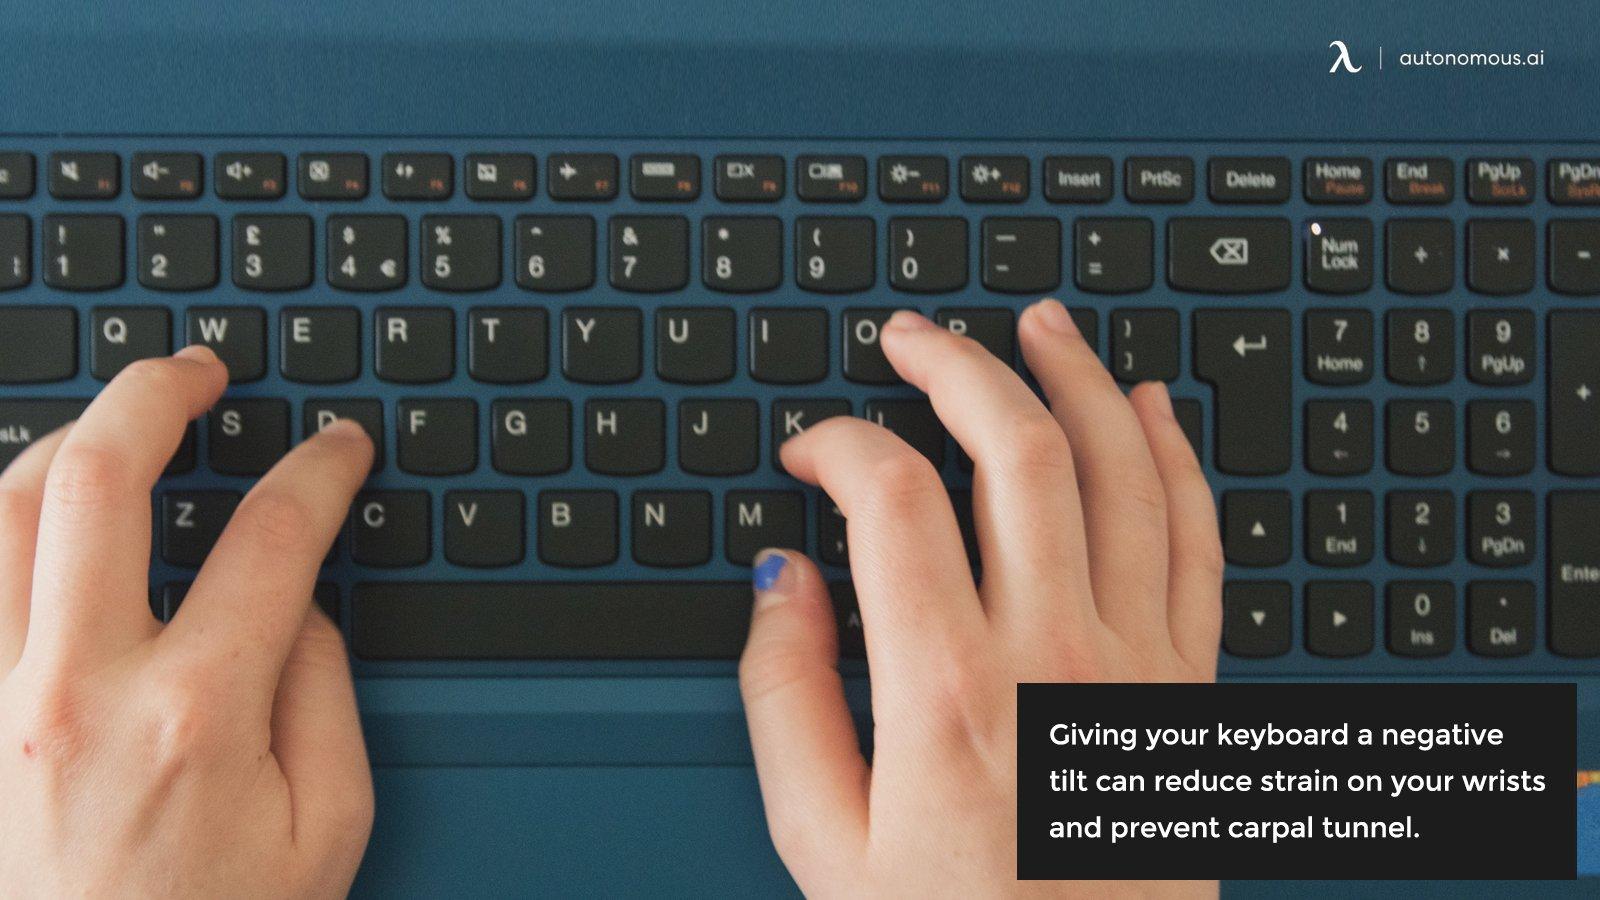 Preventing carpal tunnel negative keyboard tilt